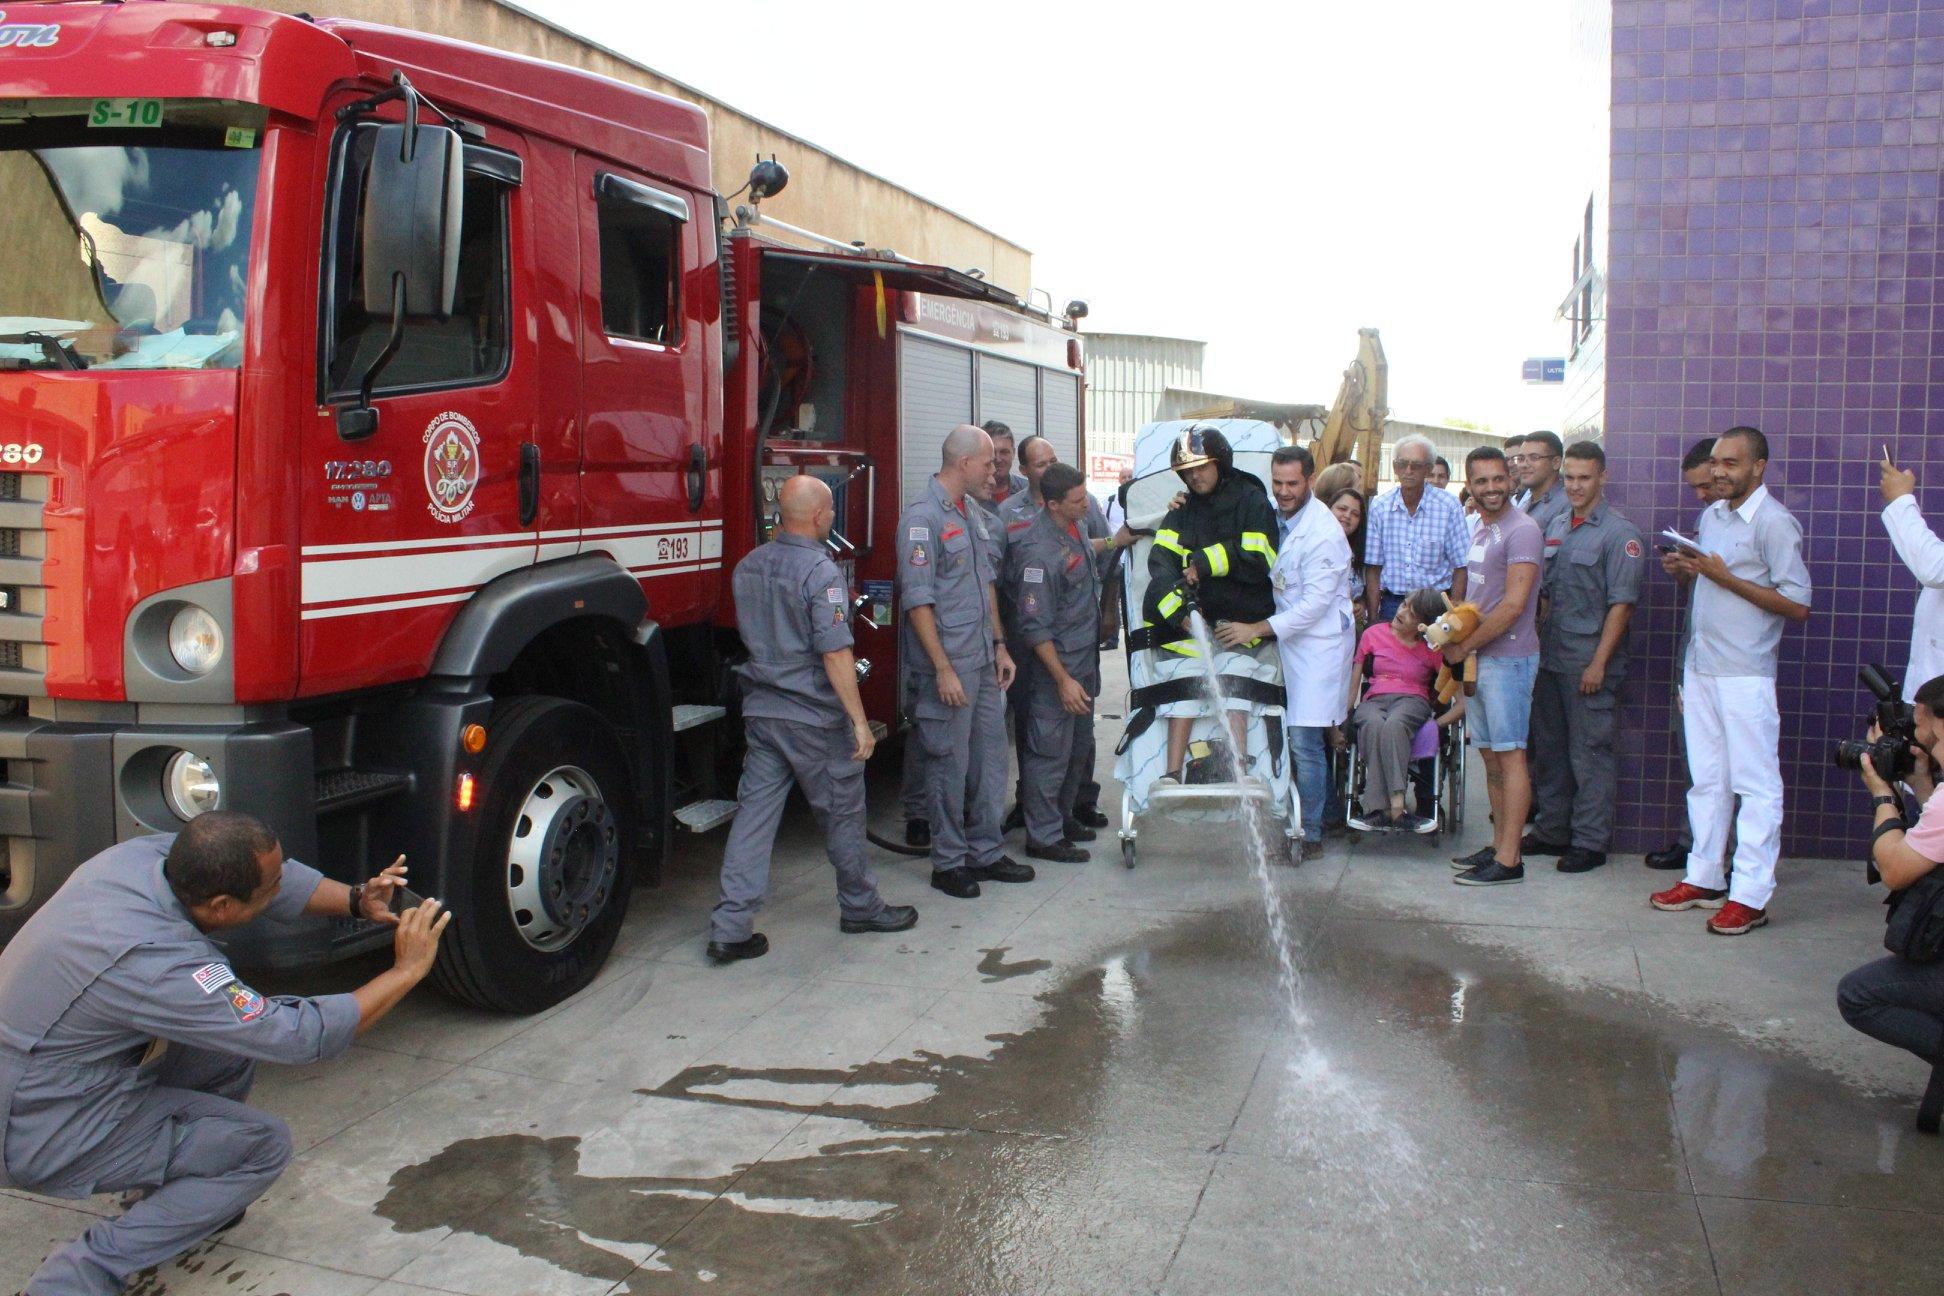 Jovem com tetraparesia que sonha em ser bombeiro tem sonho realizado graças à equipe médica 1